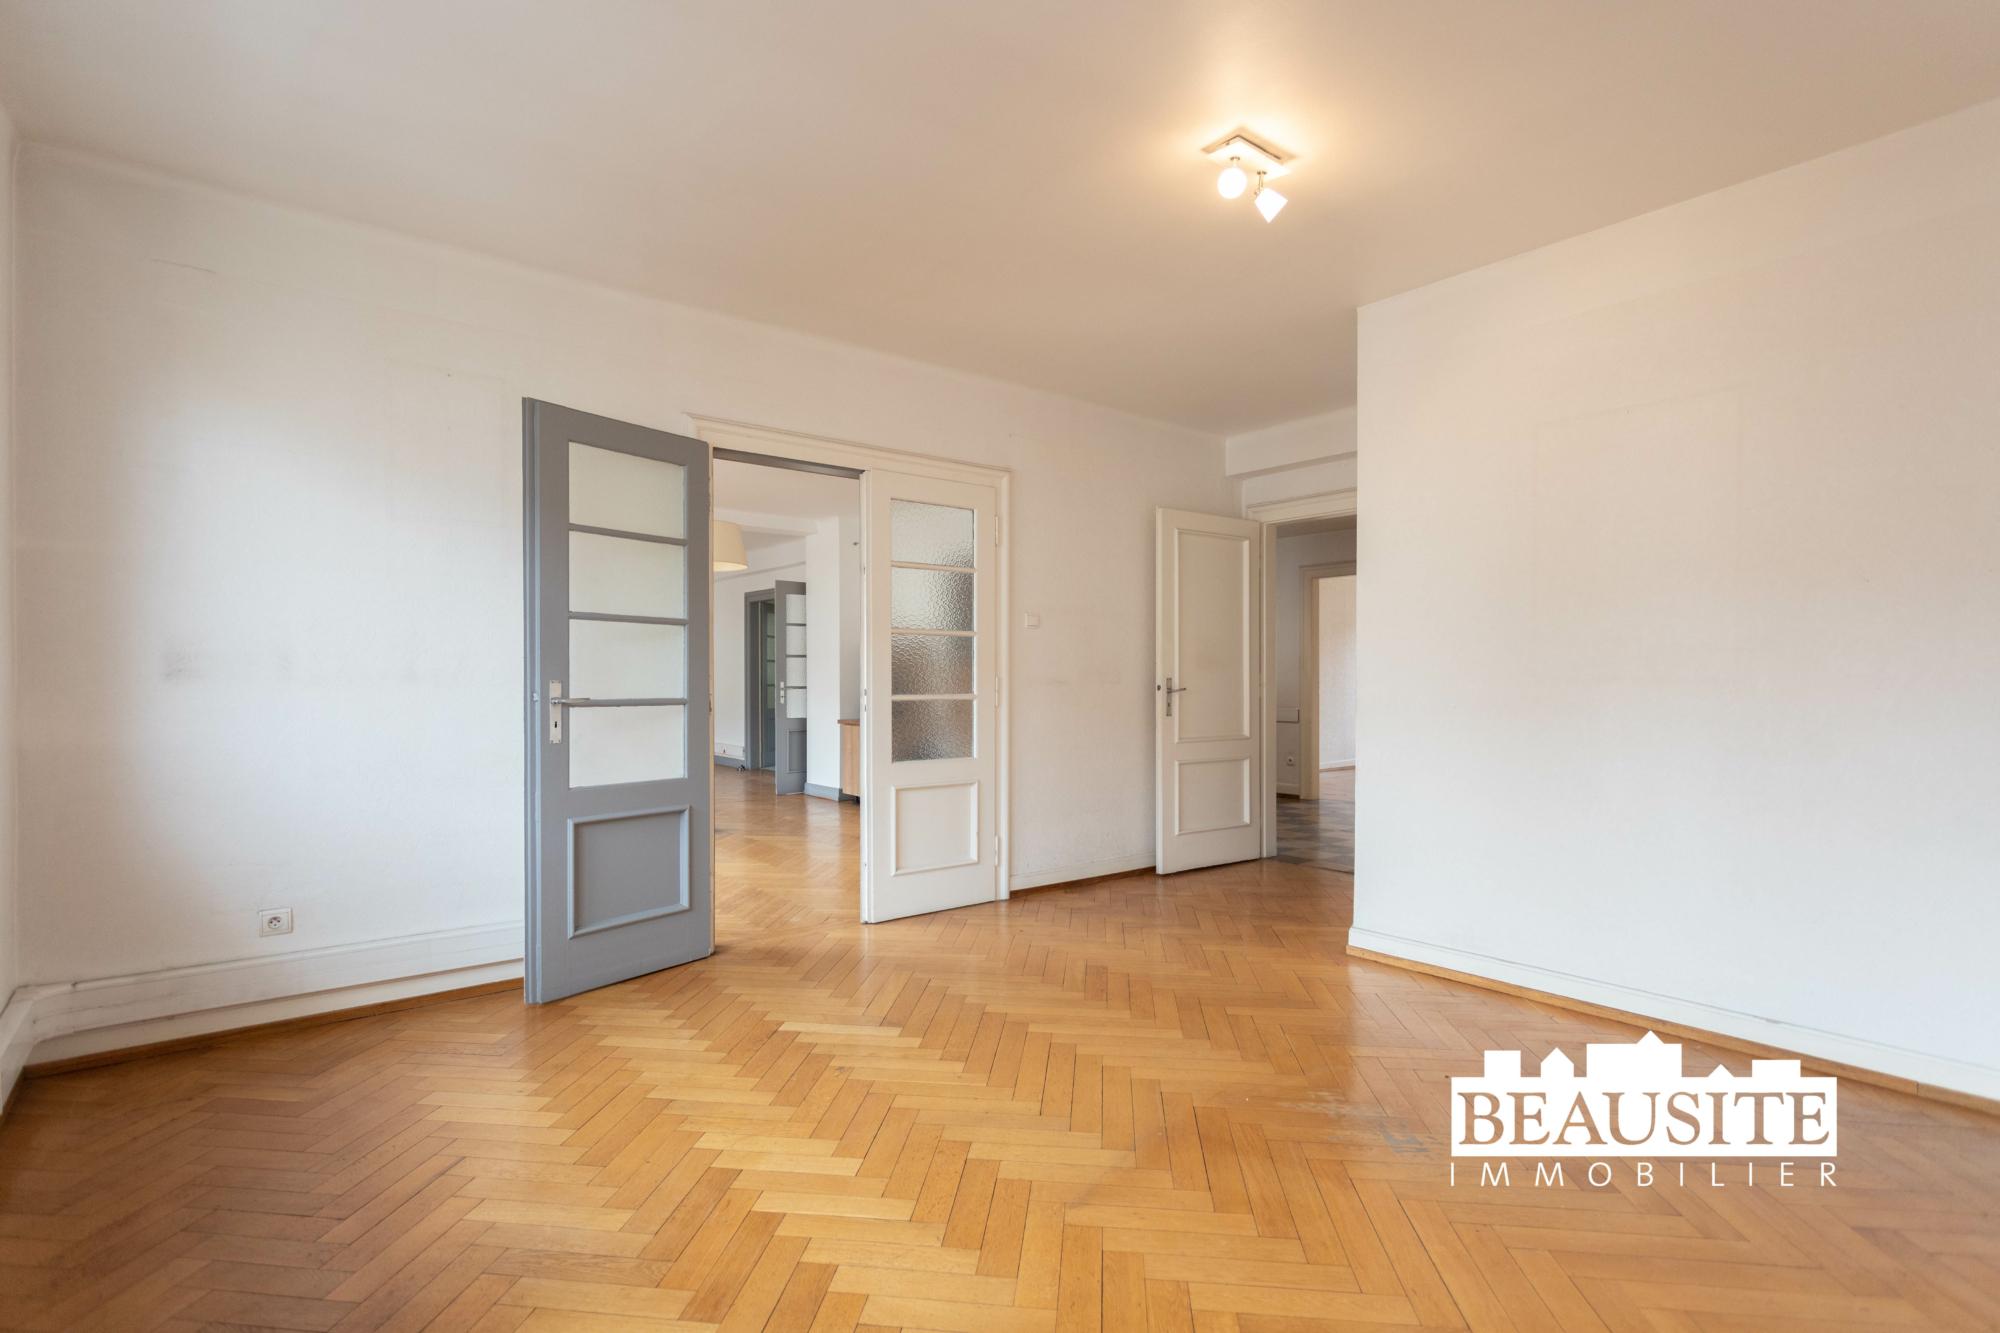 [Prosper] Le local professionnel qu'il vous faut… pour que votre activité prospère ! - Strasbourg / boulevard Wilson - nos ventes - Beausite Immobilier 7